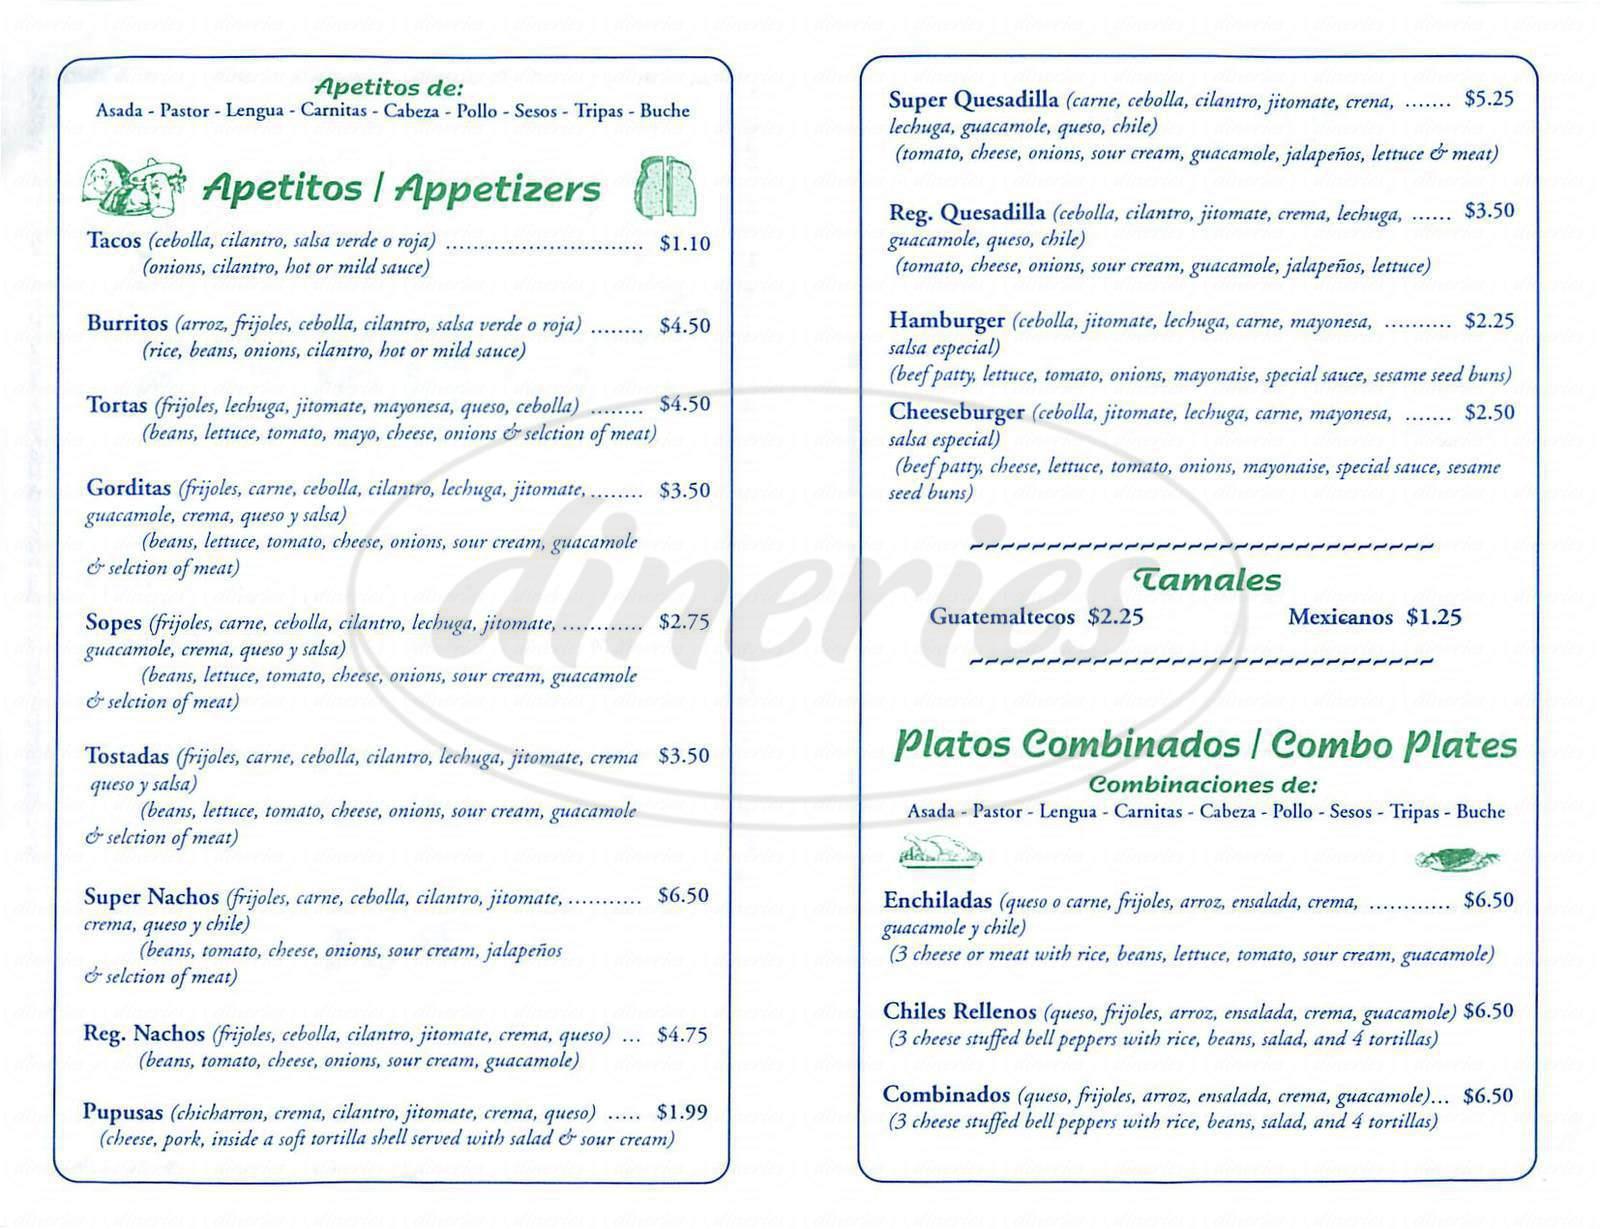 menu for Danny's Tacos